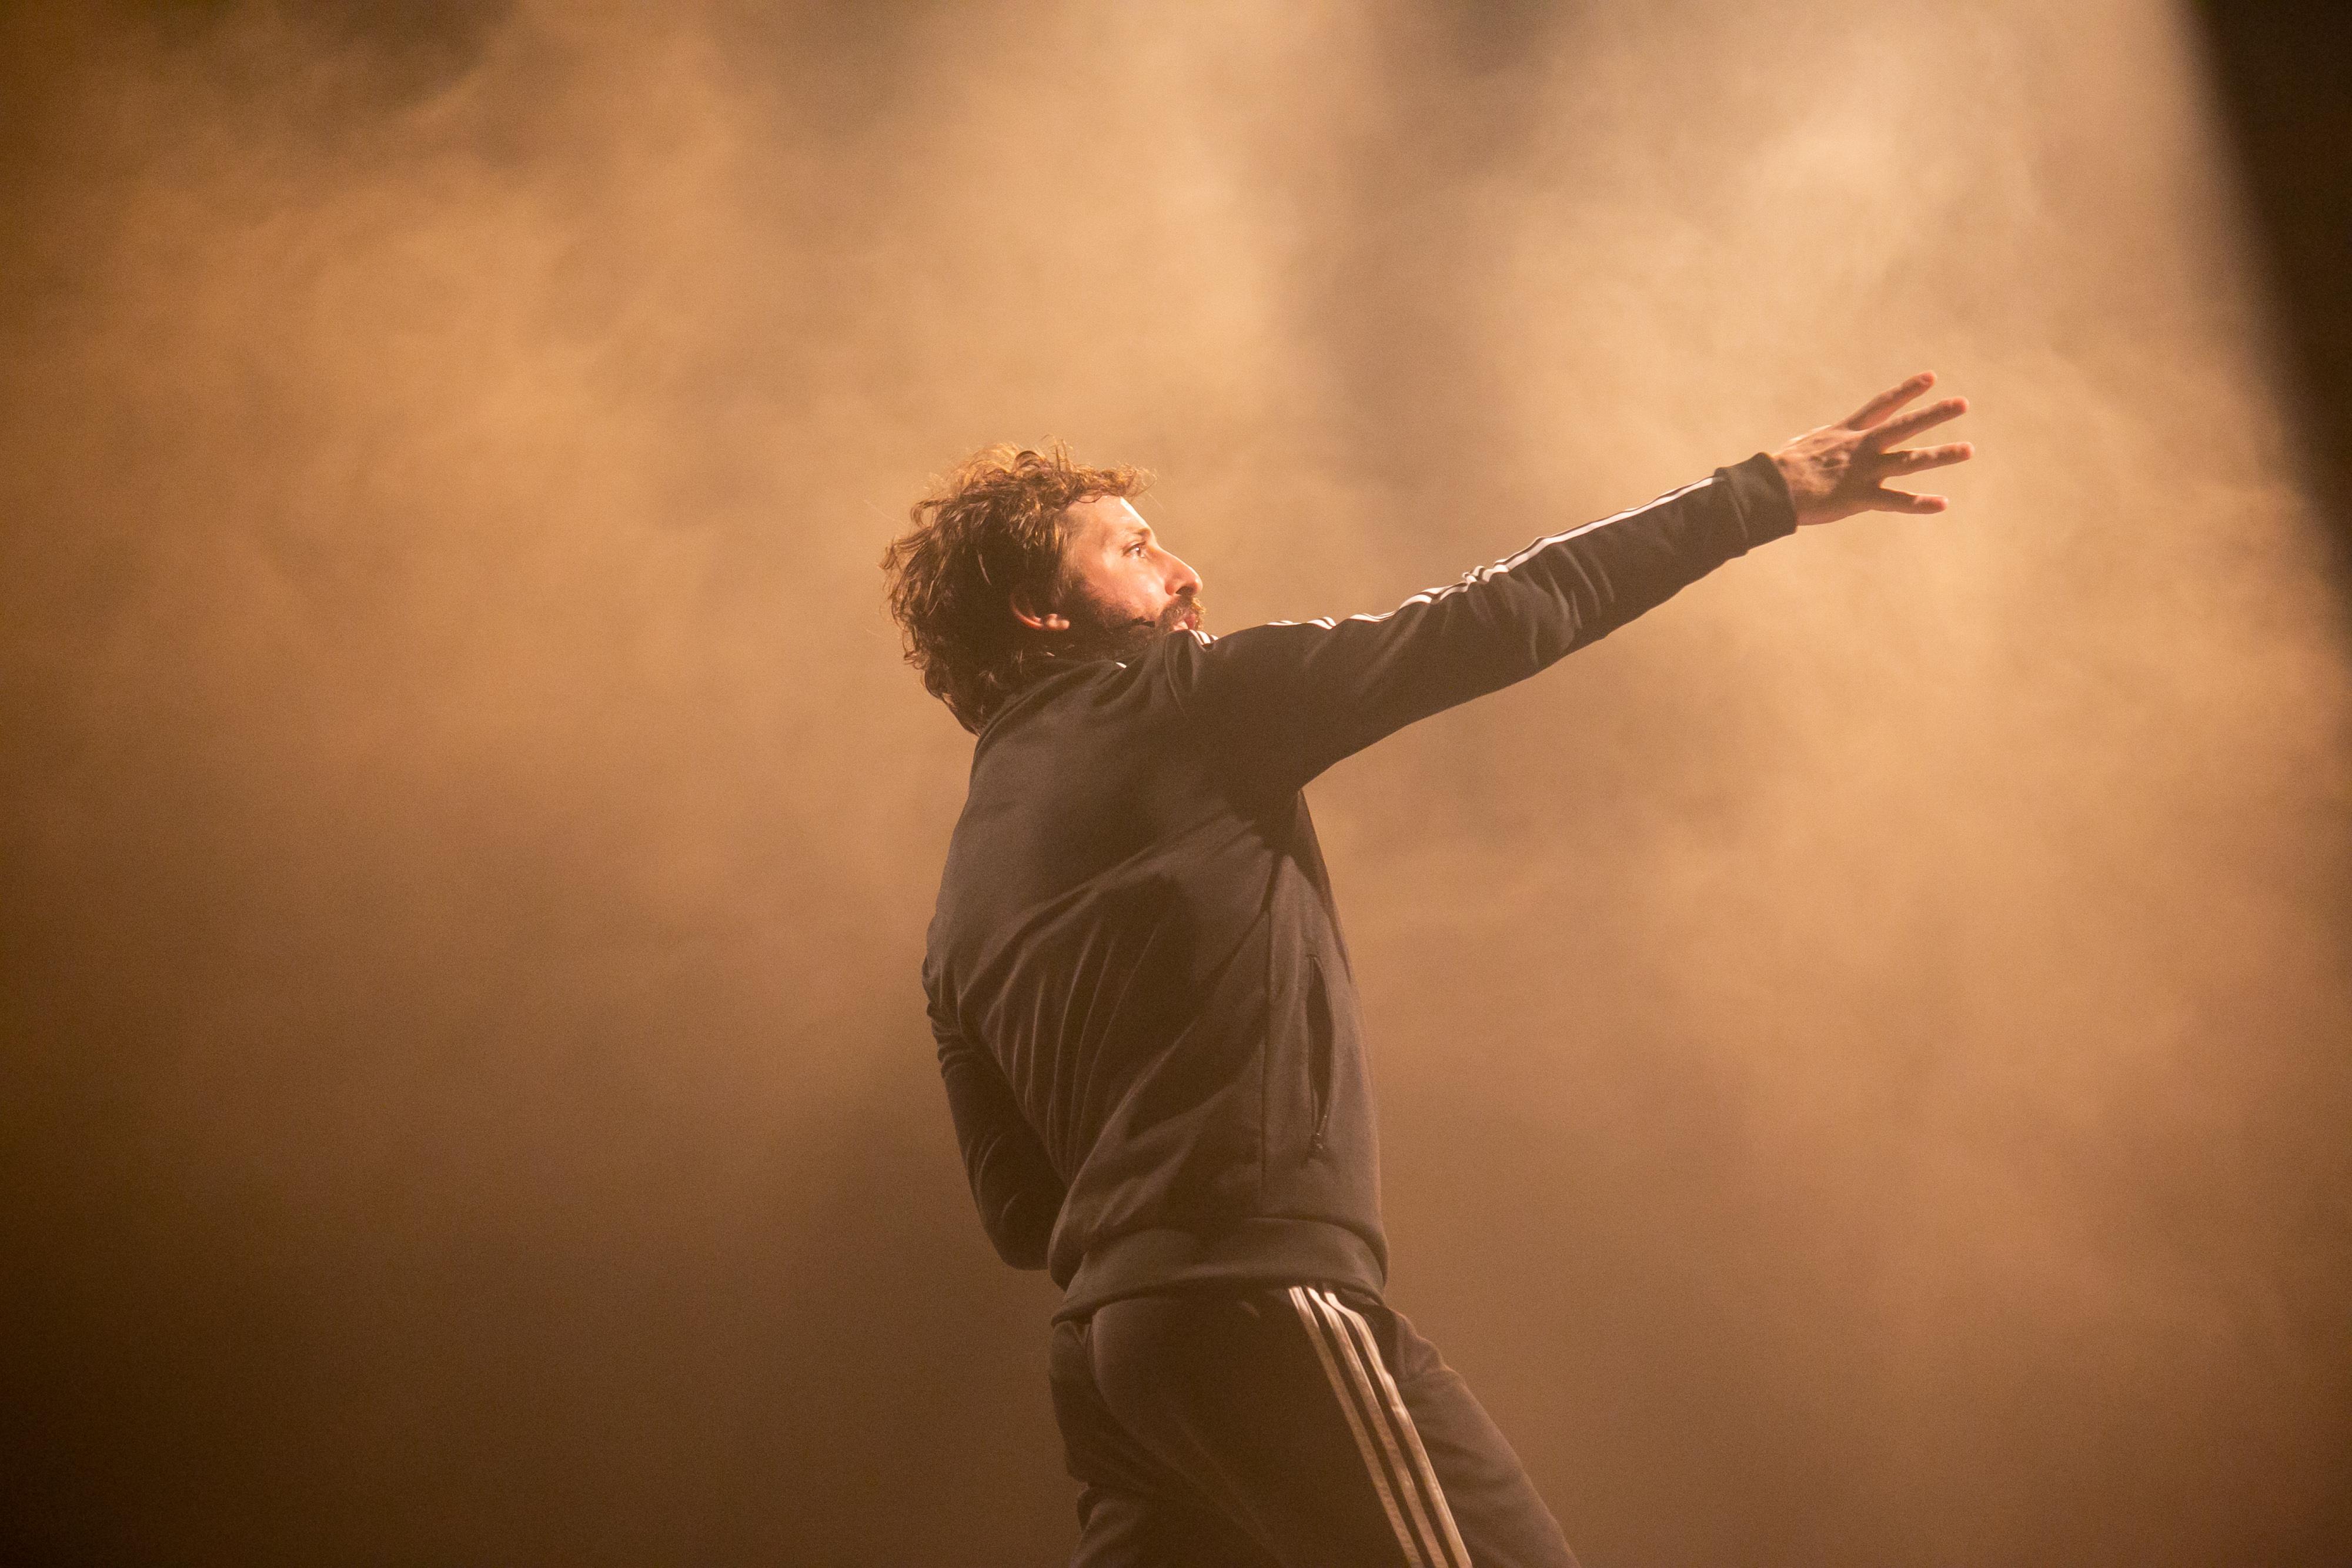 """Gregório Duvivier: """"Falta o público para que essa experiência seja teatro"""""""